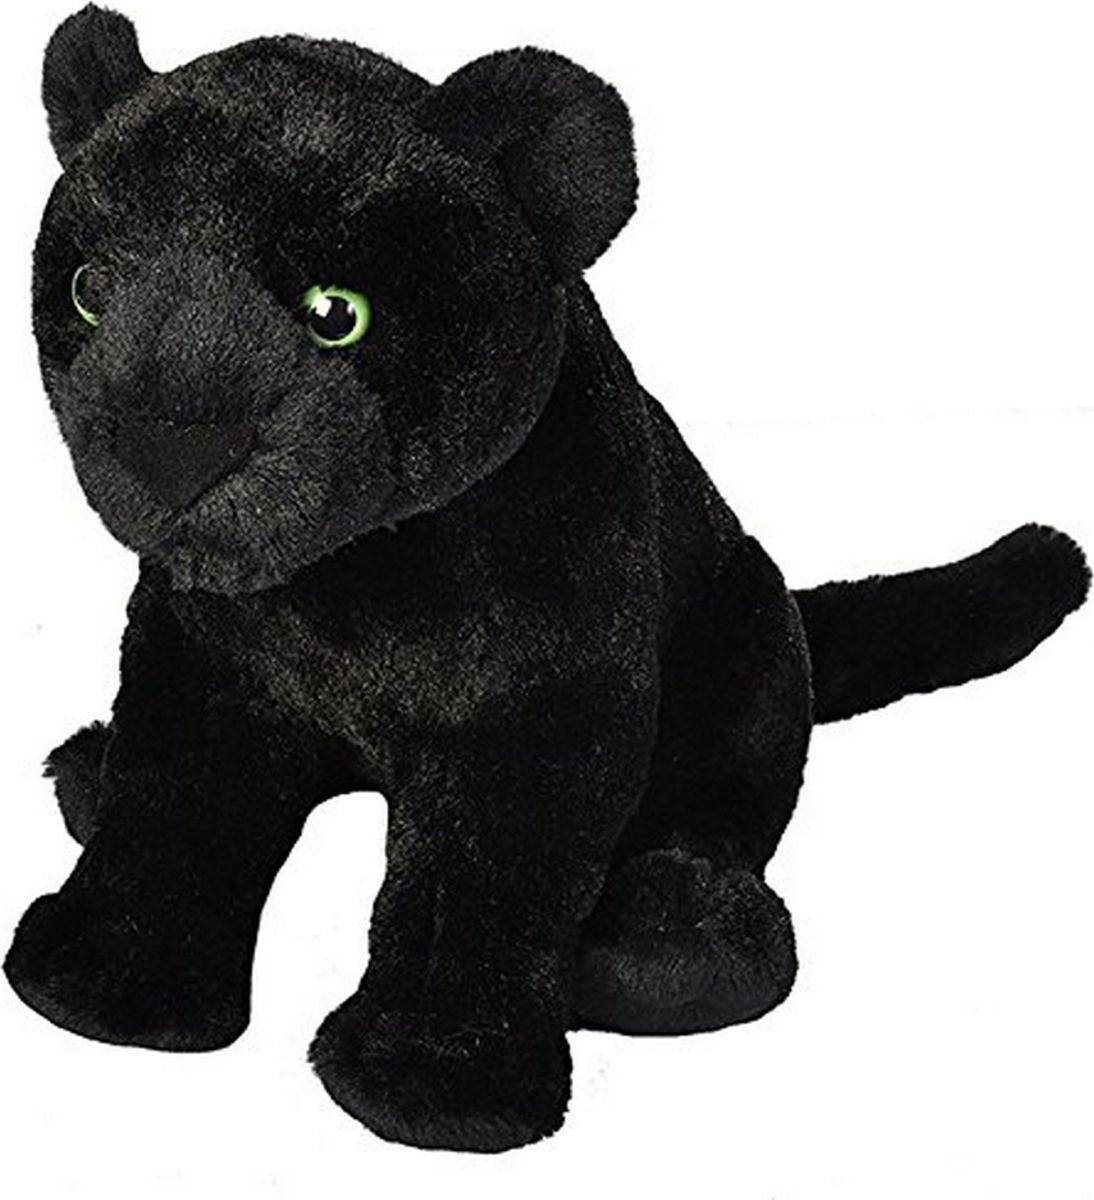 Мягкая игрушка Wild Republic Черная пантера, 35 см